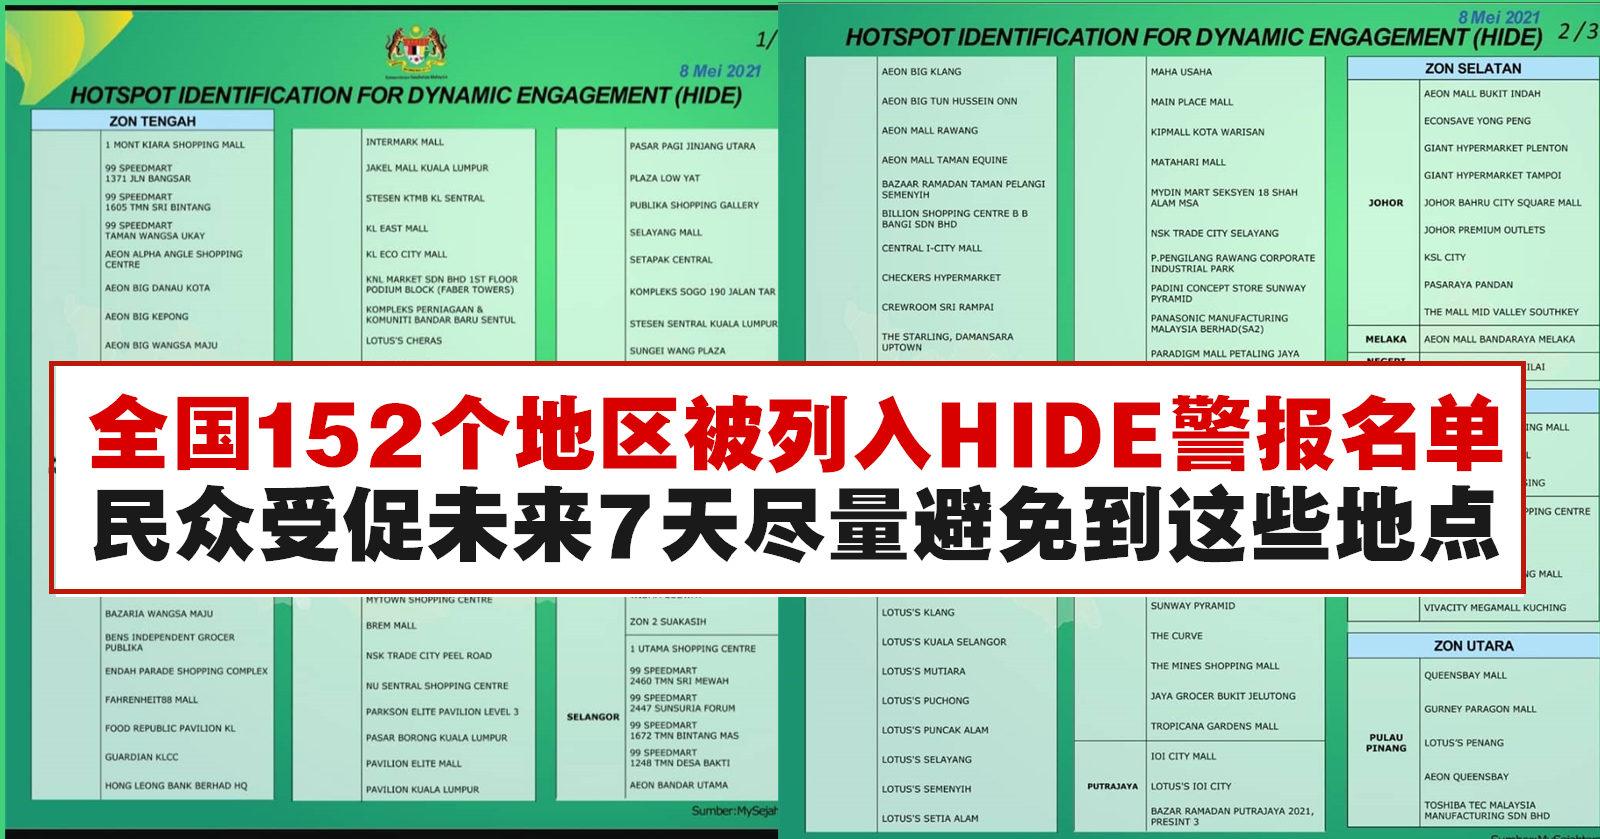 全国152个地区被列入HIDE警报名单,民众受促未来7天尽量避免到这些地点